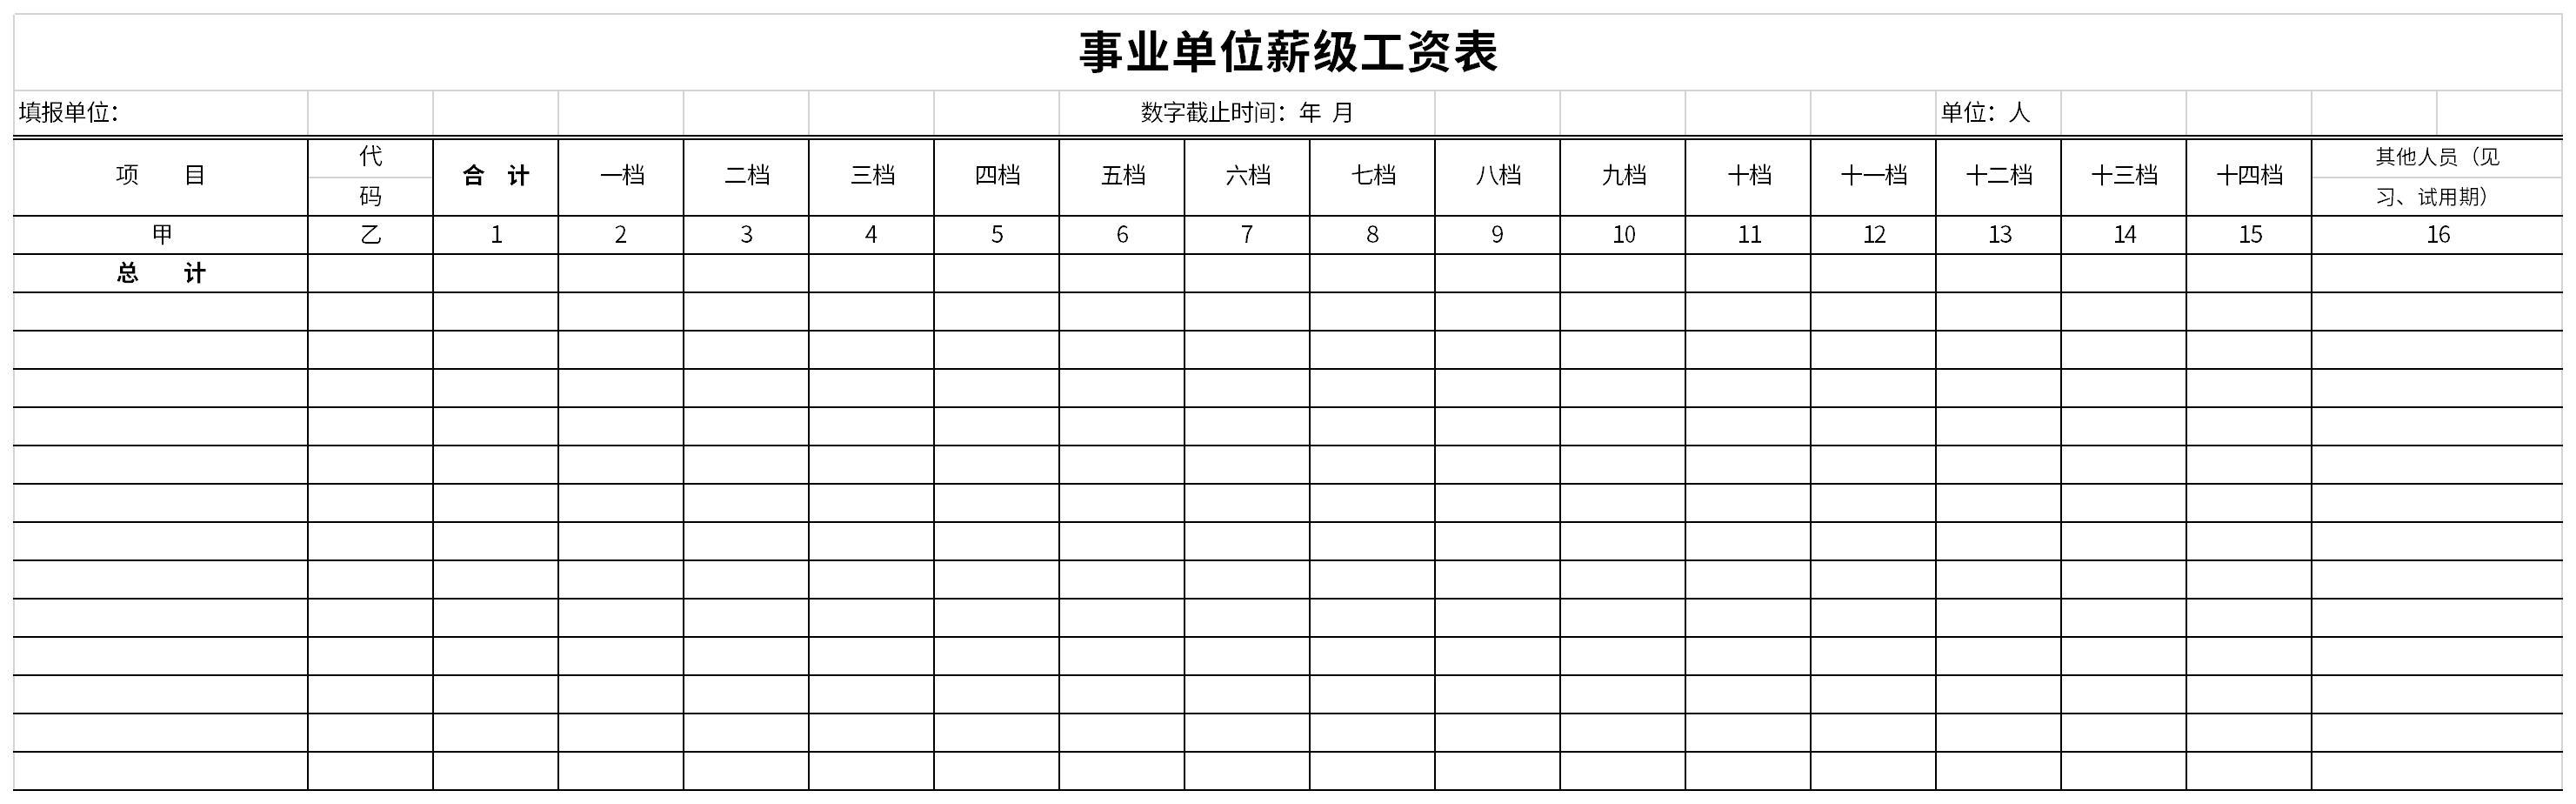 事业单位薪级工资表截图